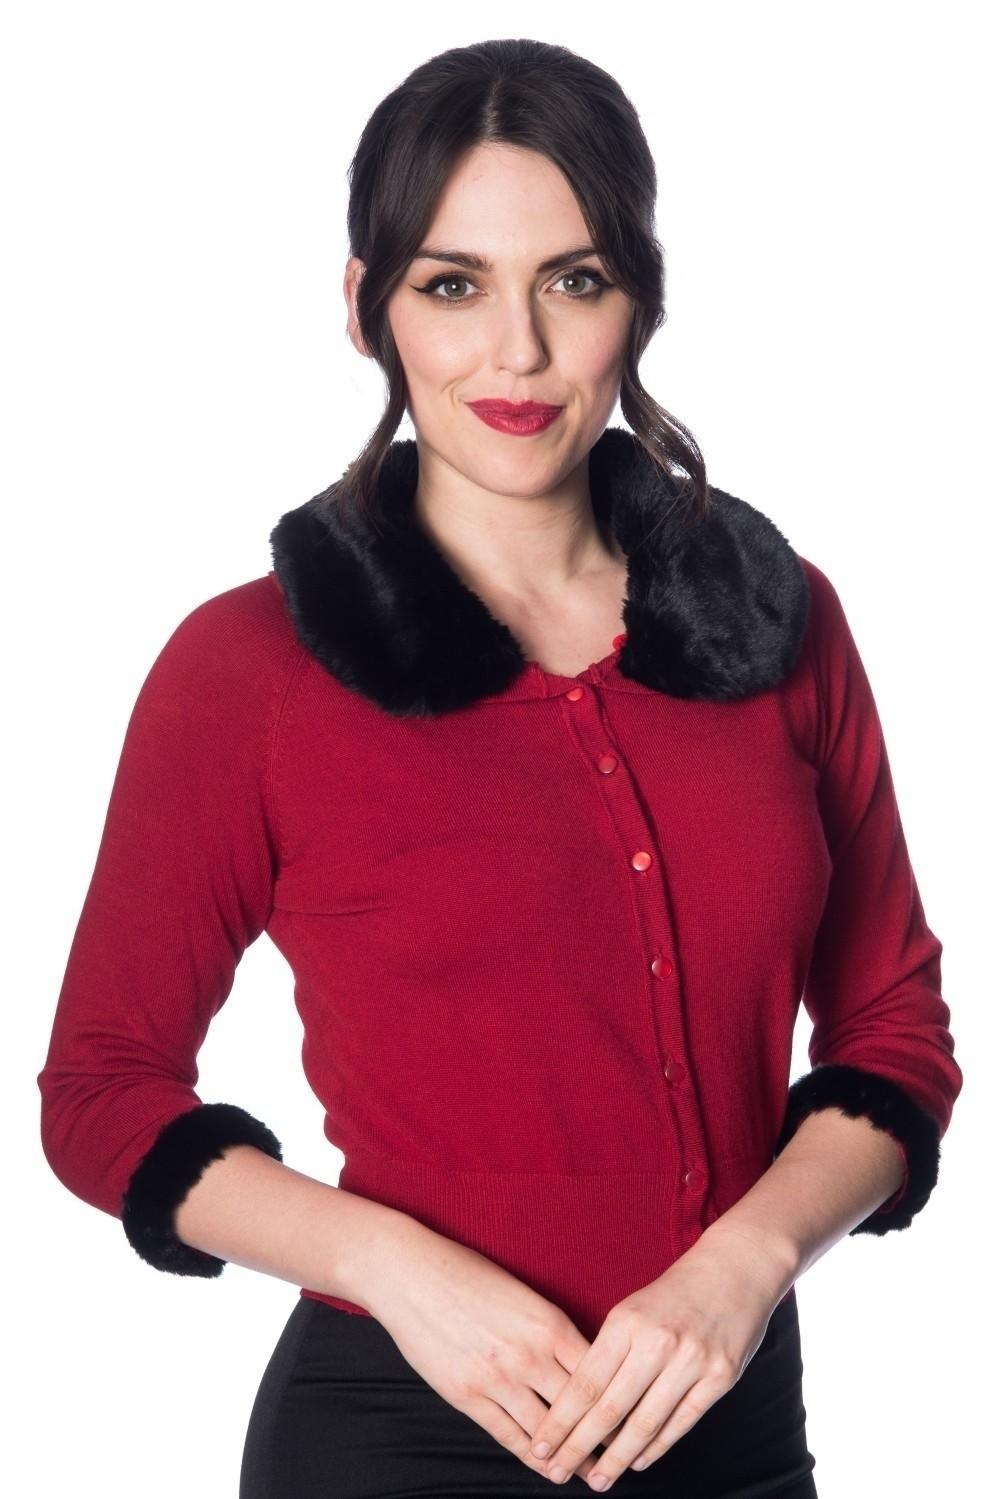 Cardigan Sapphire, rood met zwarte imitatie bont kraag en manchetten